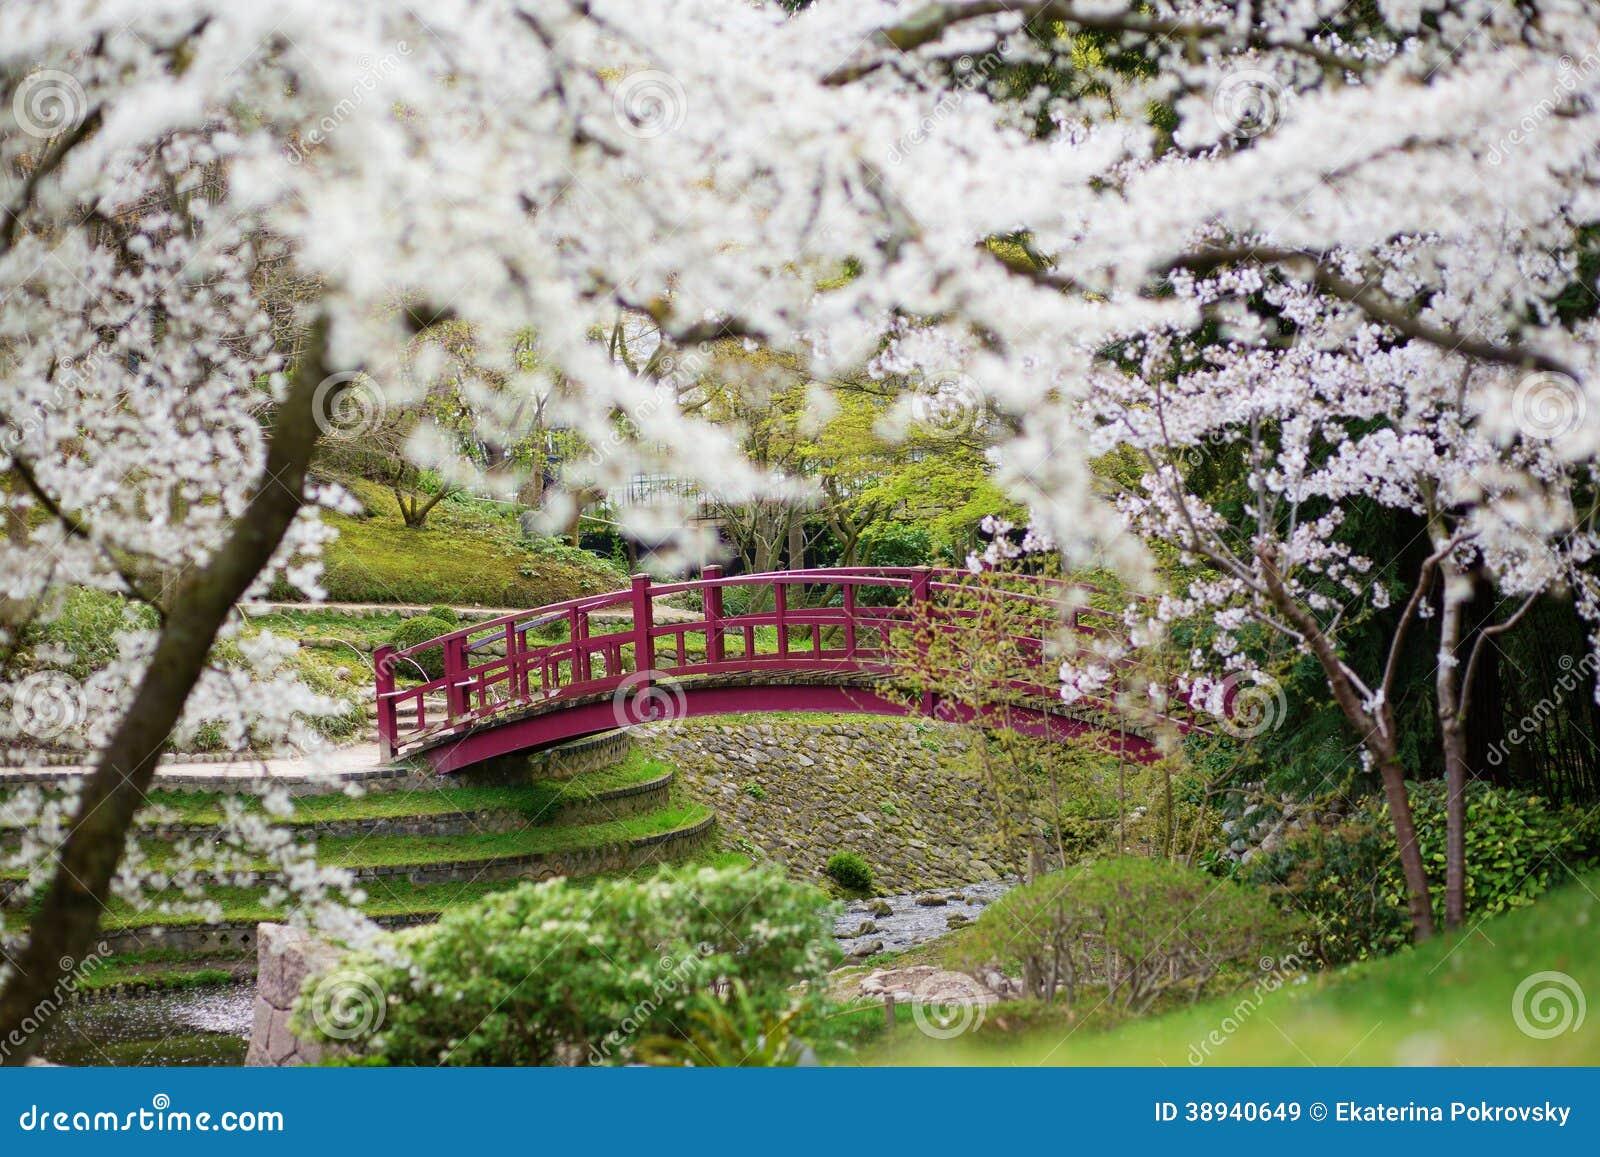 Fleurs de cerisier dans un jardin japonais photo stock for Un jardin de fleurs